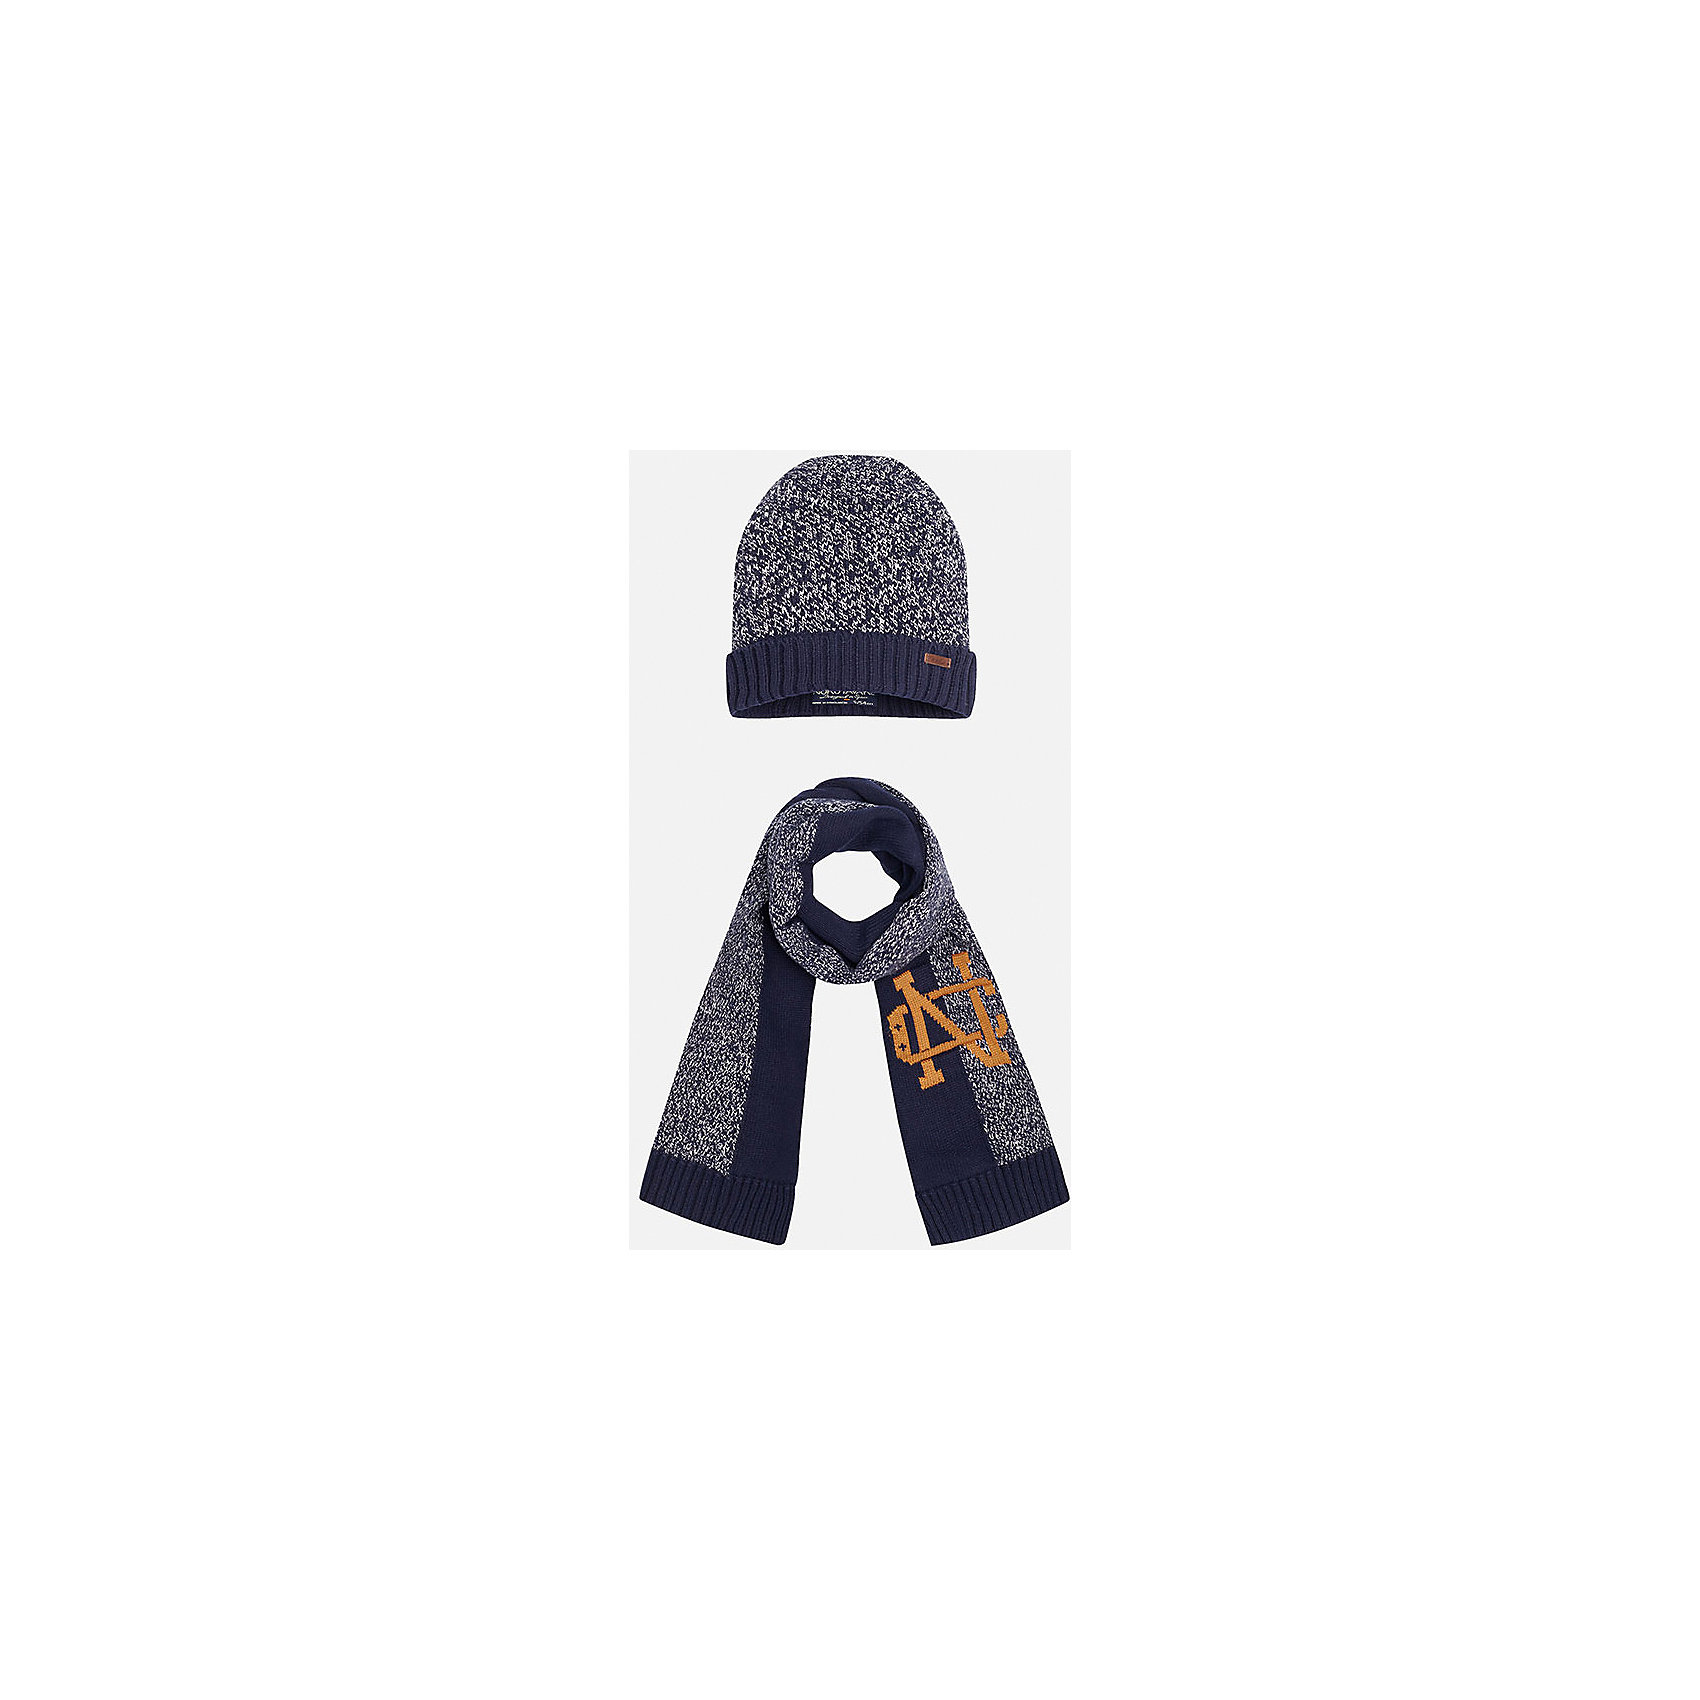 Комплект: шапка-шарф для мальчика MayoralКомплект из шапки и шарфа для мальчика от известного испанского бренда Mayoral. Изготовлены из 100% хлопка, приятного телу. Оригинальная расцветка с эмблемой - то, что нужно стильному джентльмену!<br>Дополнительная информация:<br>-цвет: синий/серый<br>-состав: 100% хлопок<br>Комплект из шапки и шарфа Mayoral вы можете приобрести в нашем интернет-магазине.<br><br>Ширина мм: 89<br>Глубина мм: 117<br>Высота мм: 44<br>Вес г: 155<br>Цвет: синий<br>Возраст от месяцев: 72<br>Возраст до месяцев: 84<br>Пол: Мужской<br>Возраст: Детский<br>Размер: 54,56,52<br>SKU: 4820288